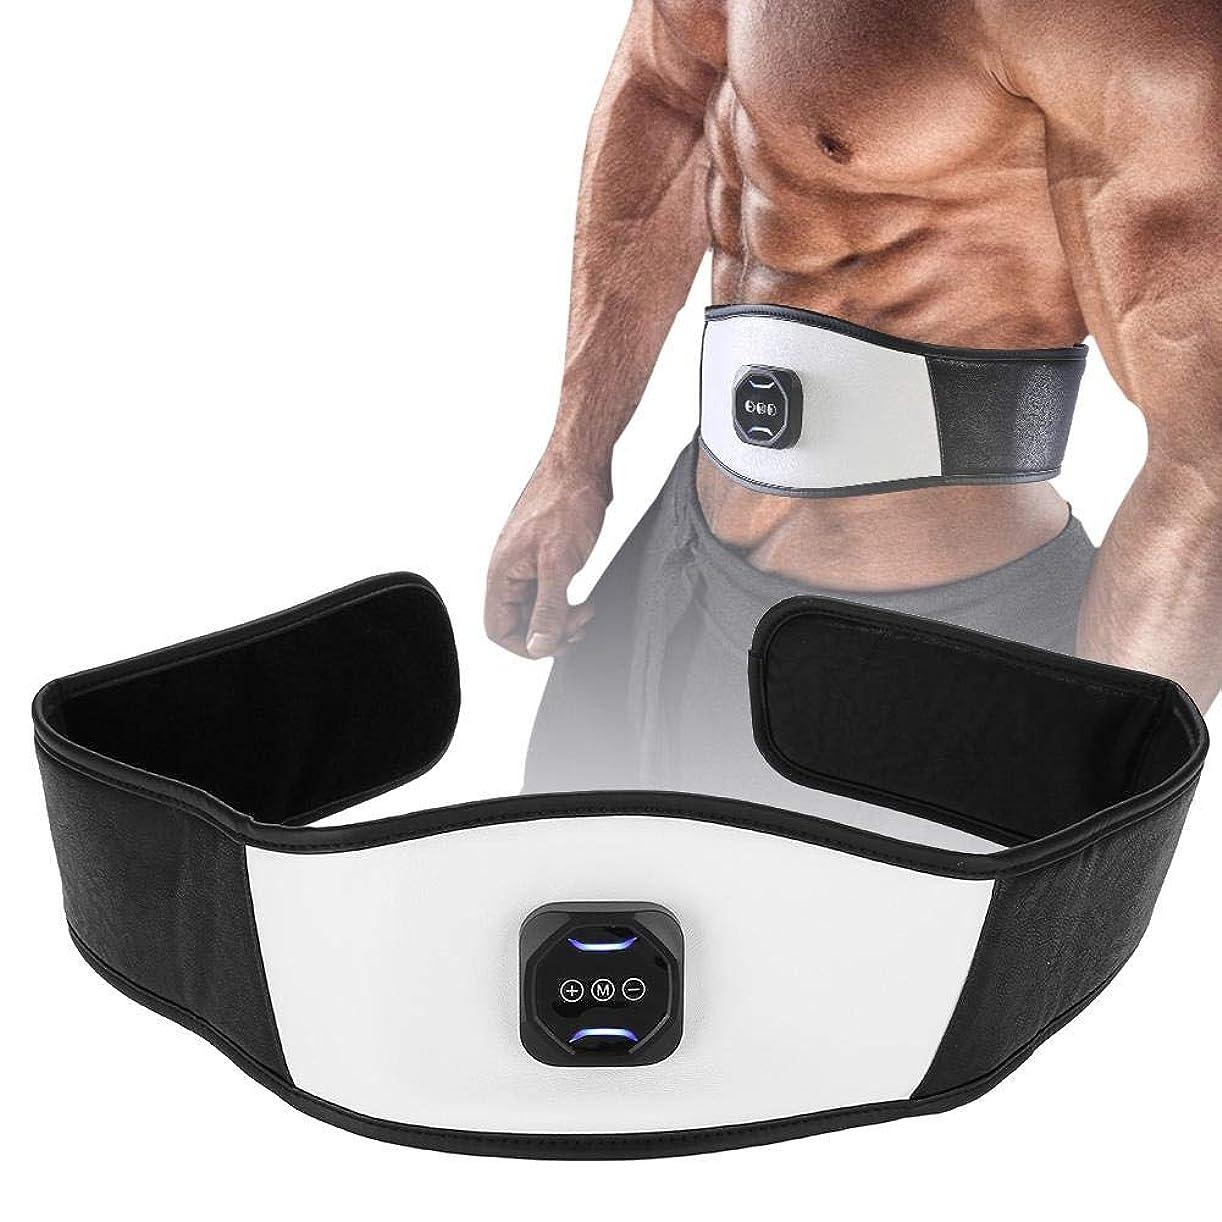 砲撃話瞑想的電動スリミングベルト 腹部マッサージャー 微振動 ウエストトリマーエクササイズ ベルト